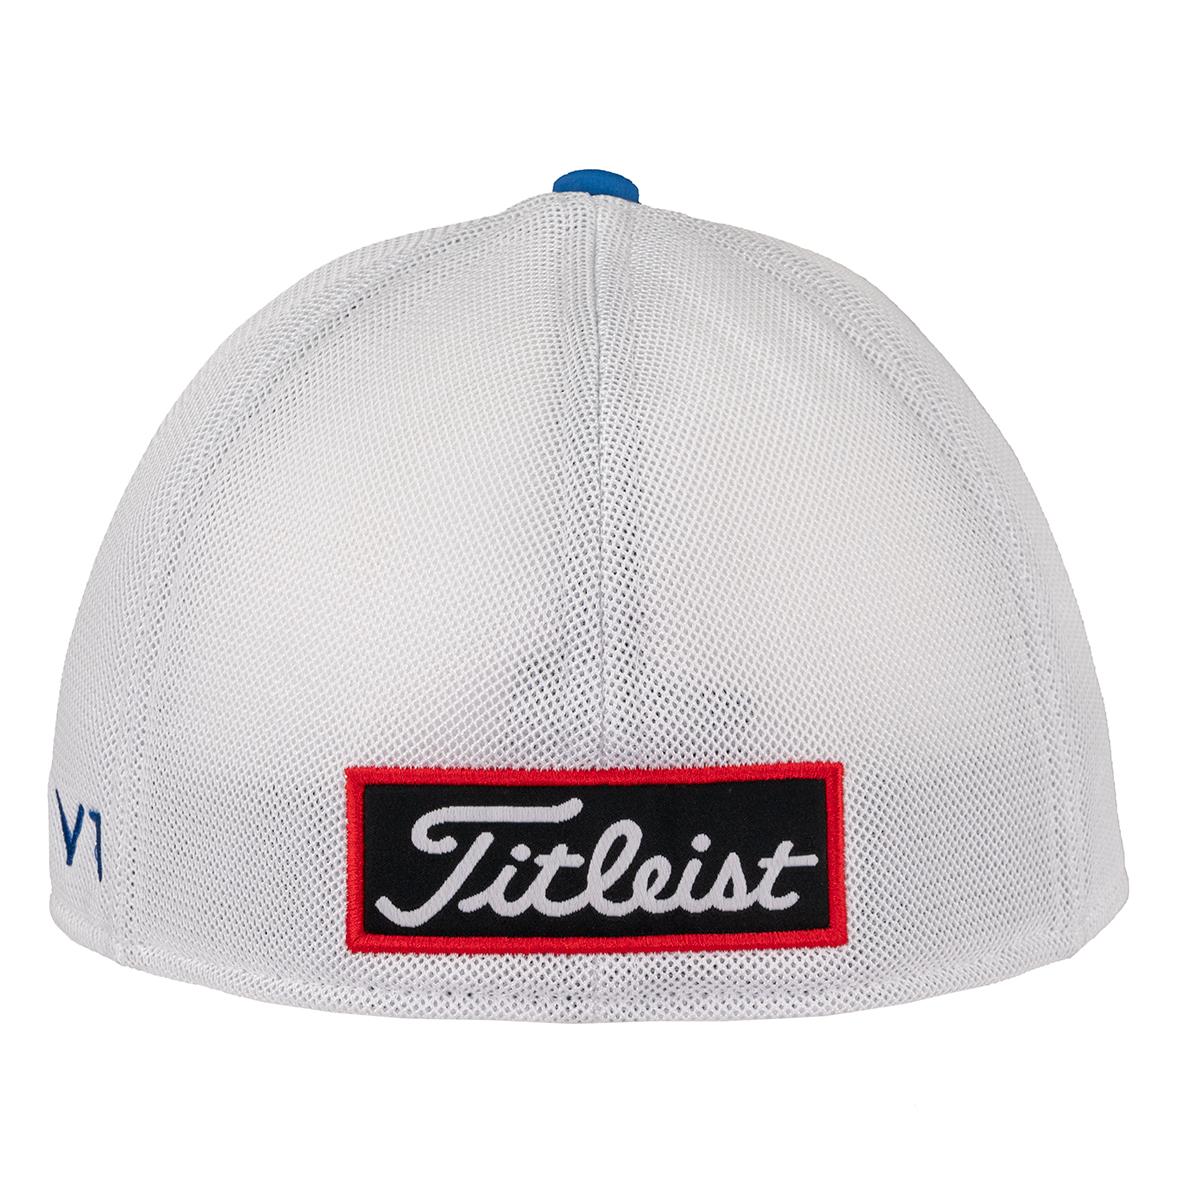 5d448eb0af3 Titleist Men s Tour Sports Two-Tone Mesh Hat